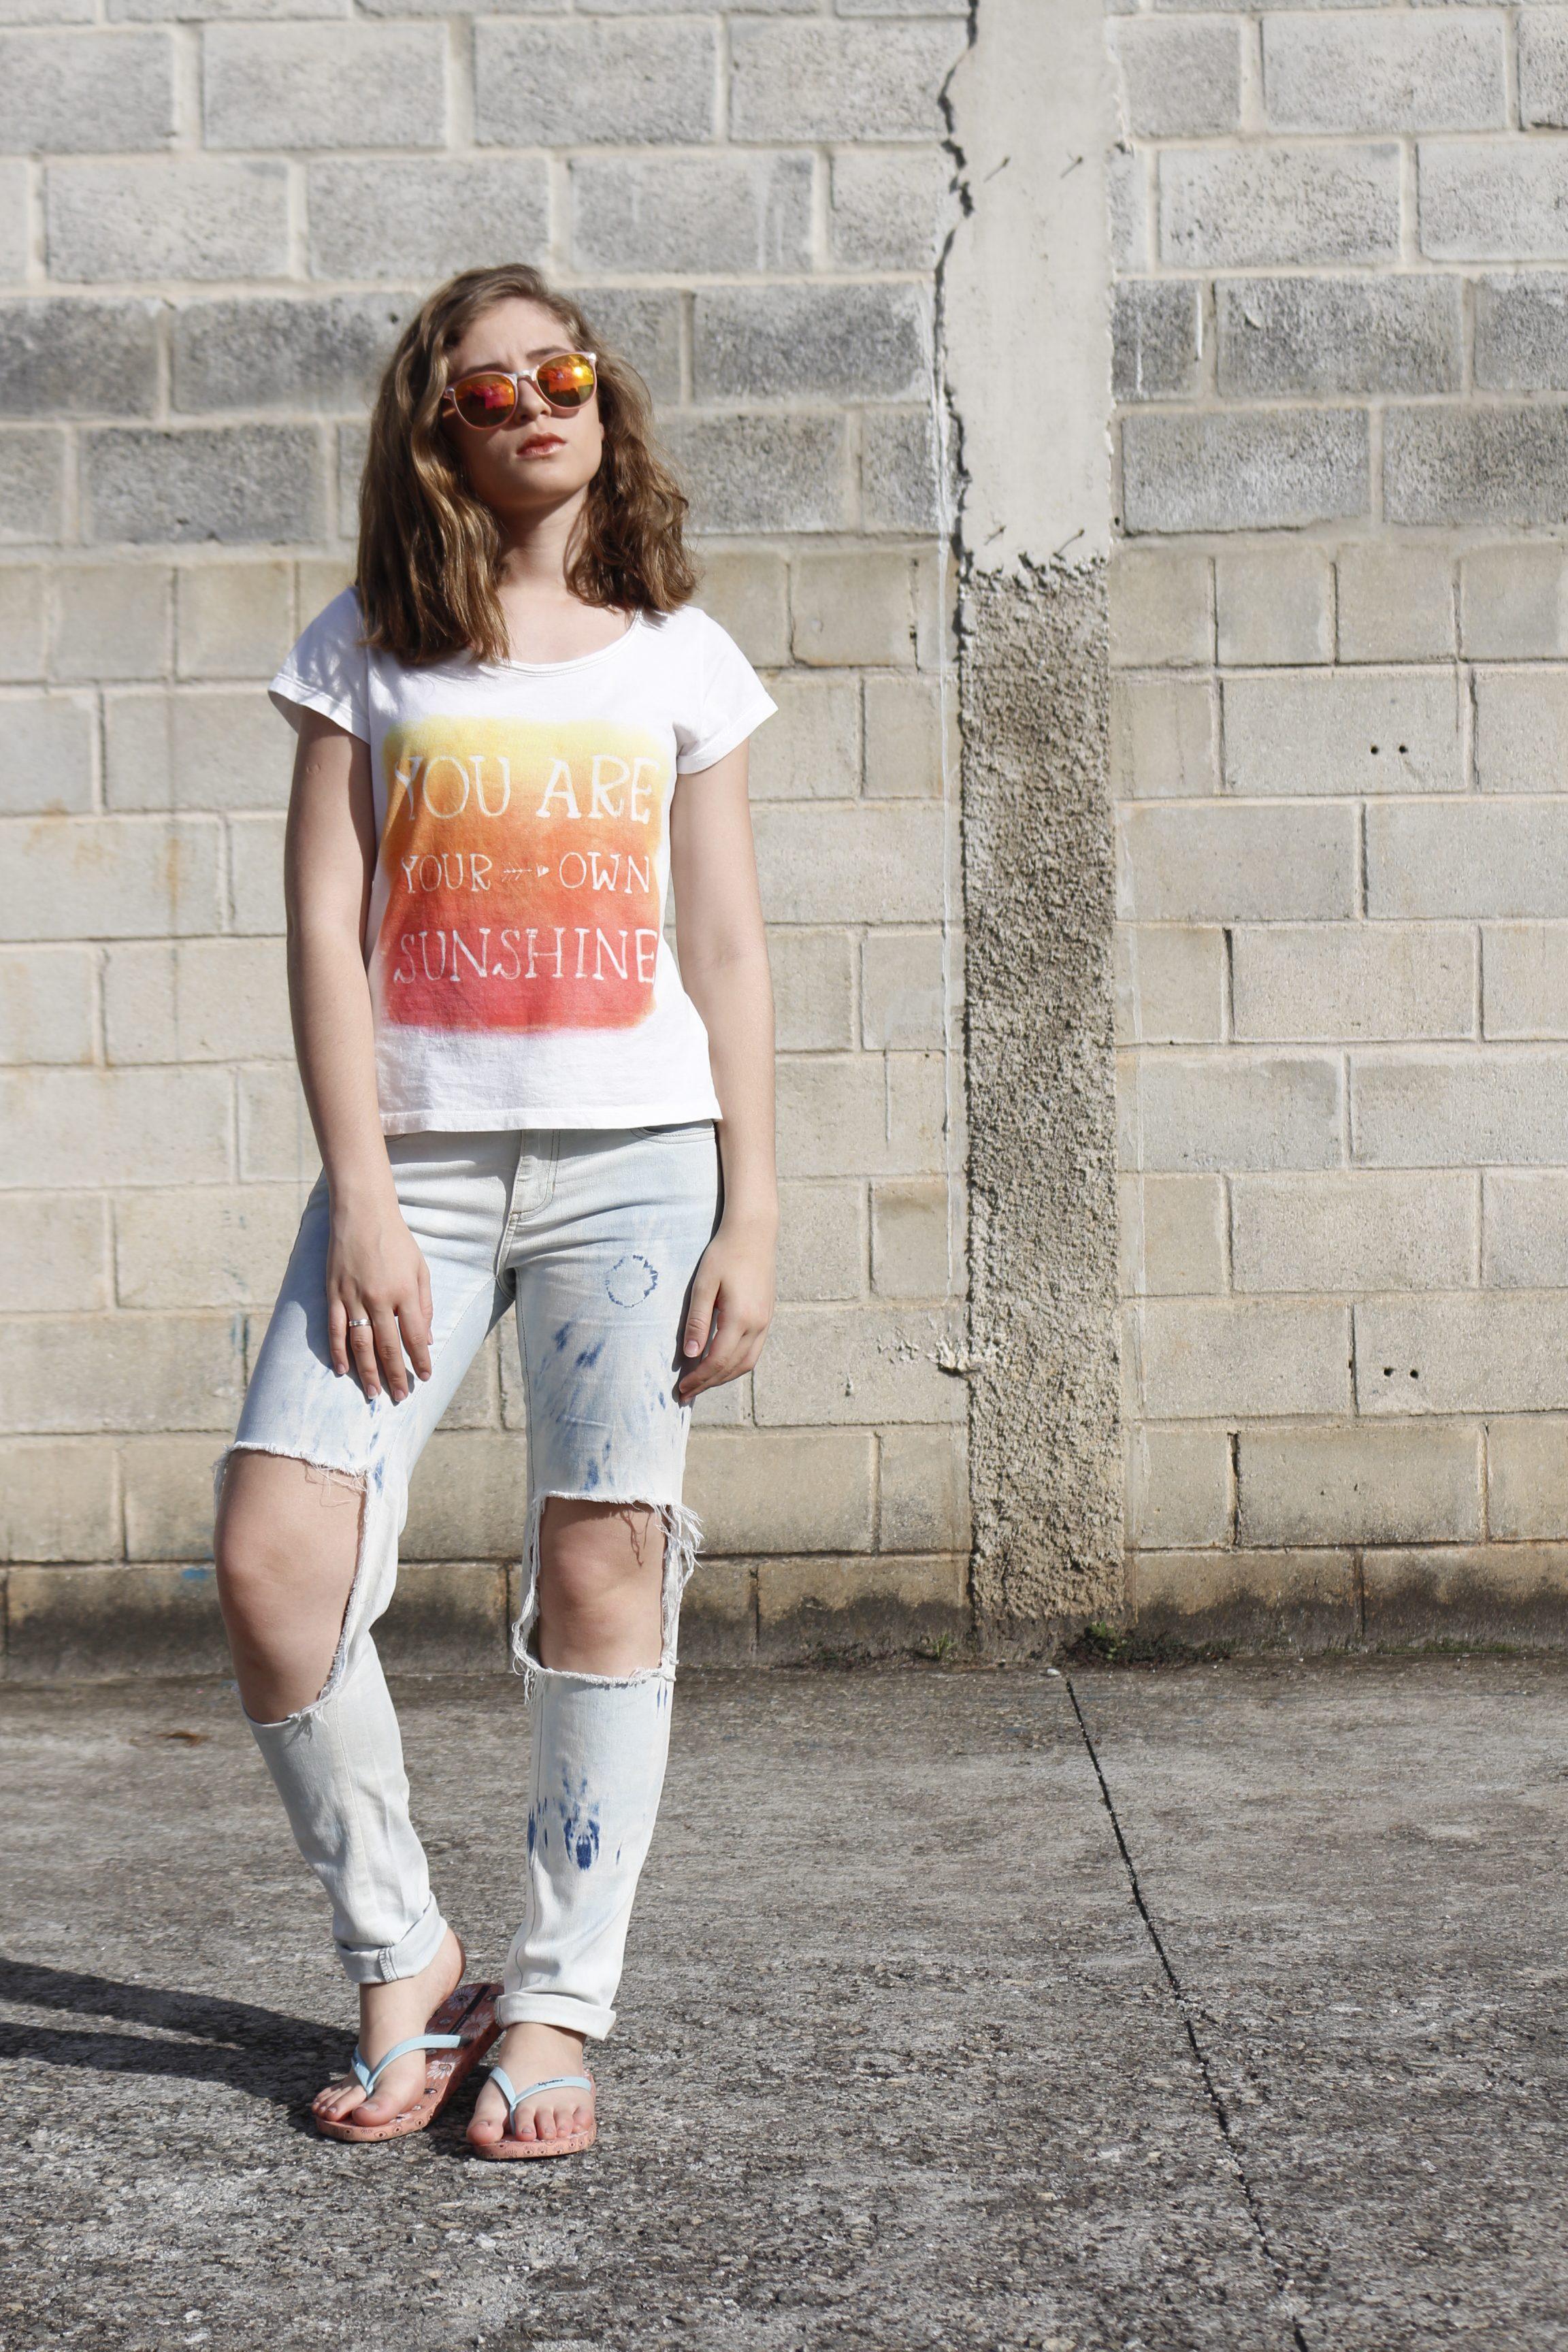 calça jeans destroyed aninha carvalho look do dia corpo todo batendo sol